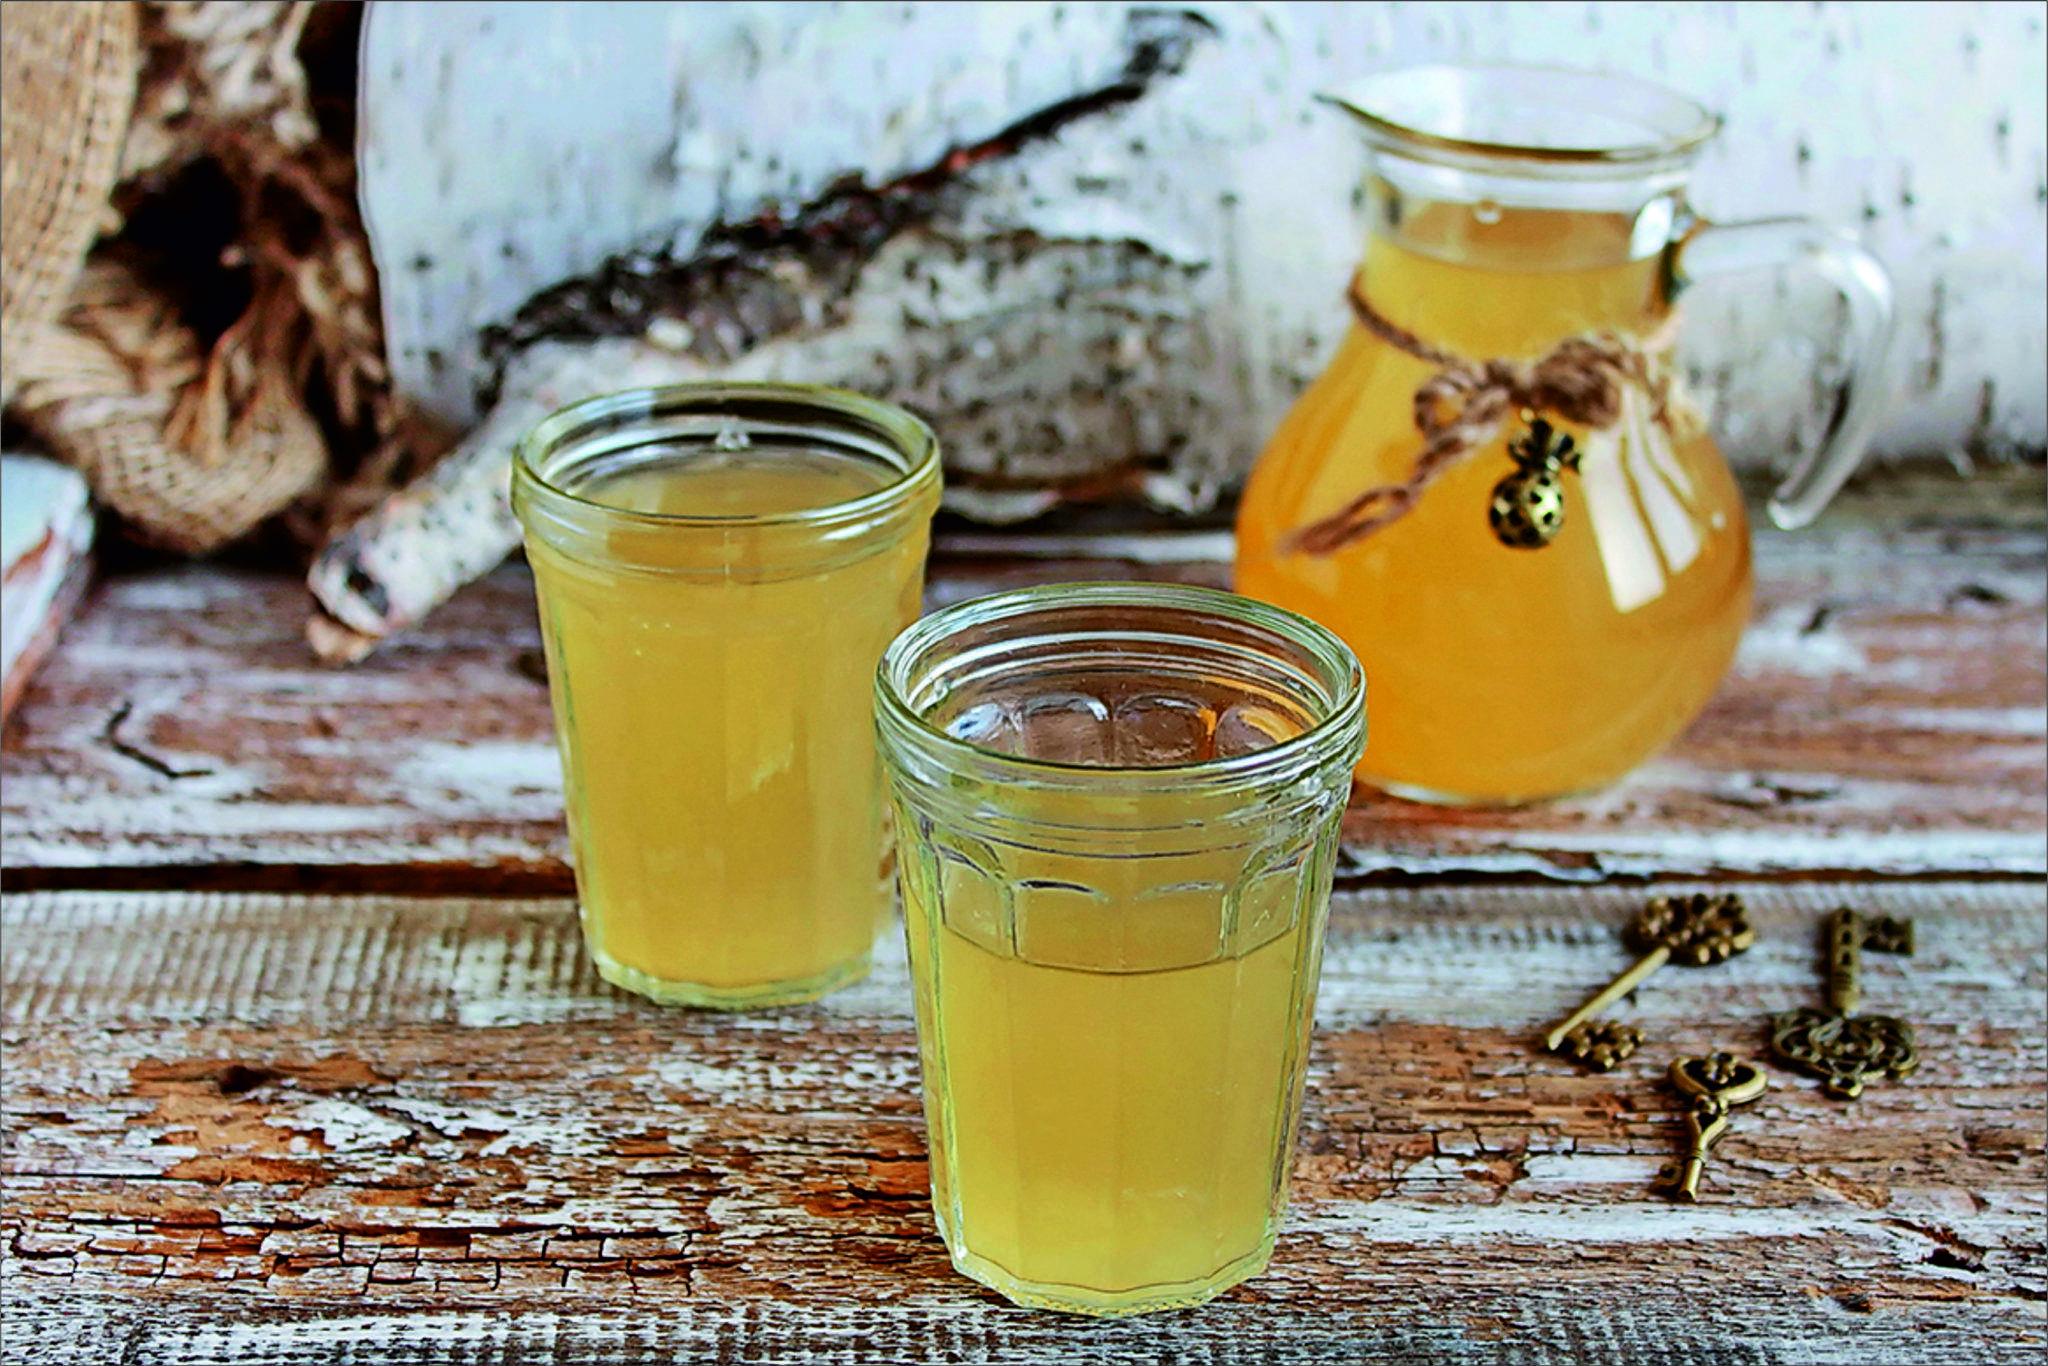 Рецепты браги из сока березы, приготовление самогона из березового кваса